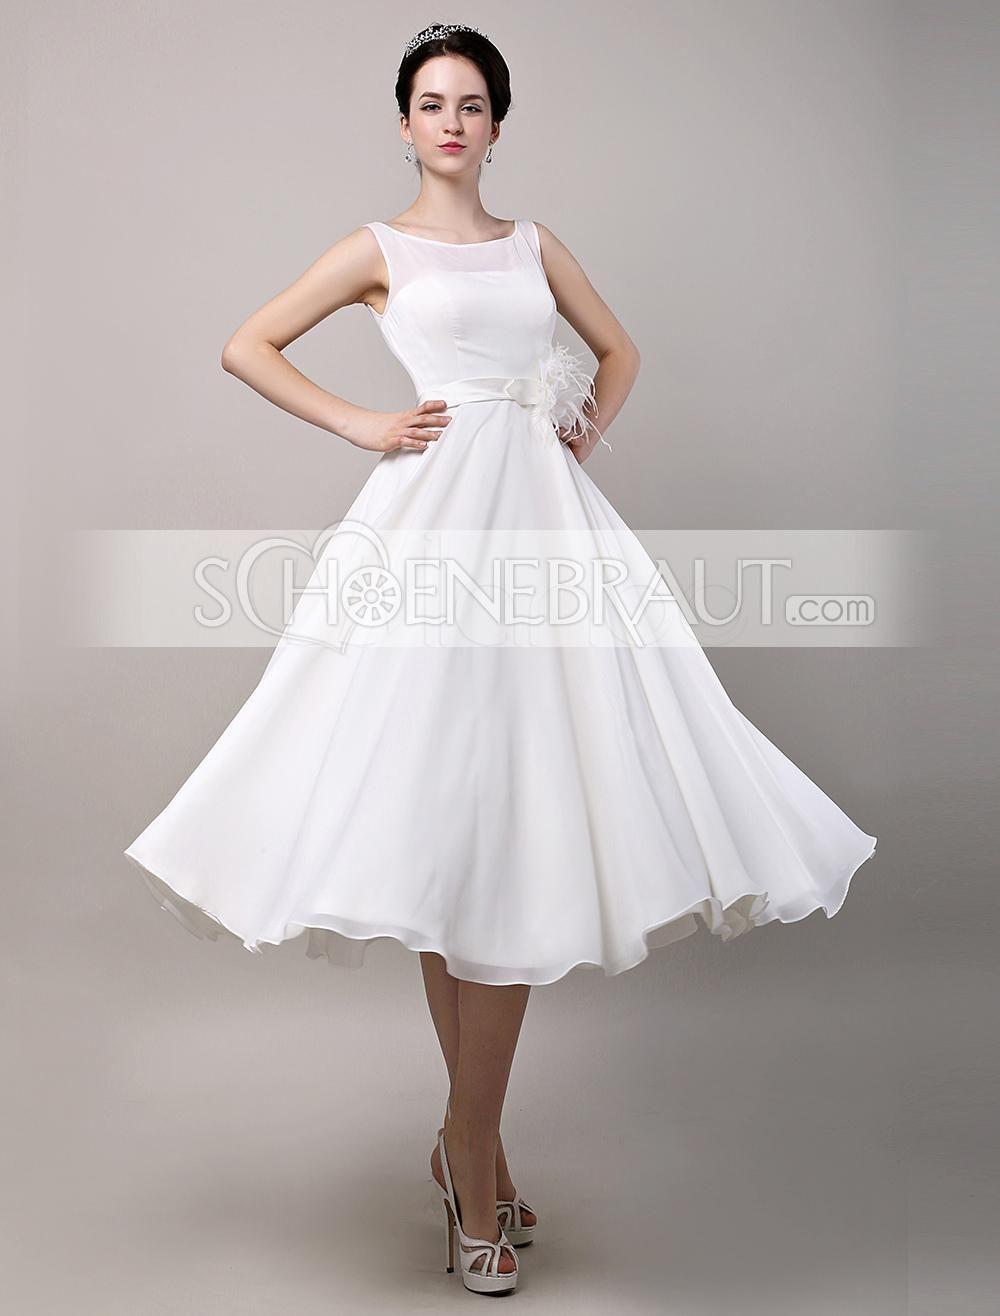 Audrey Hepburn Vintage Hochzeitskleid Tull Kurz Mit Spitze Ud9197